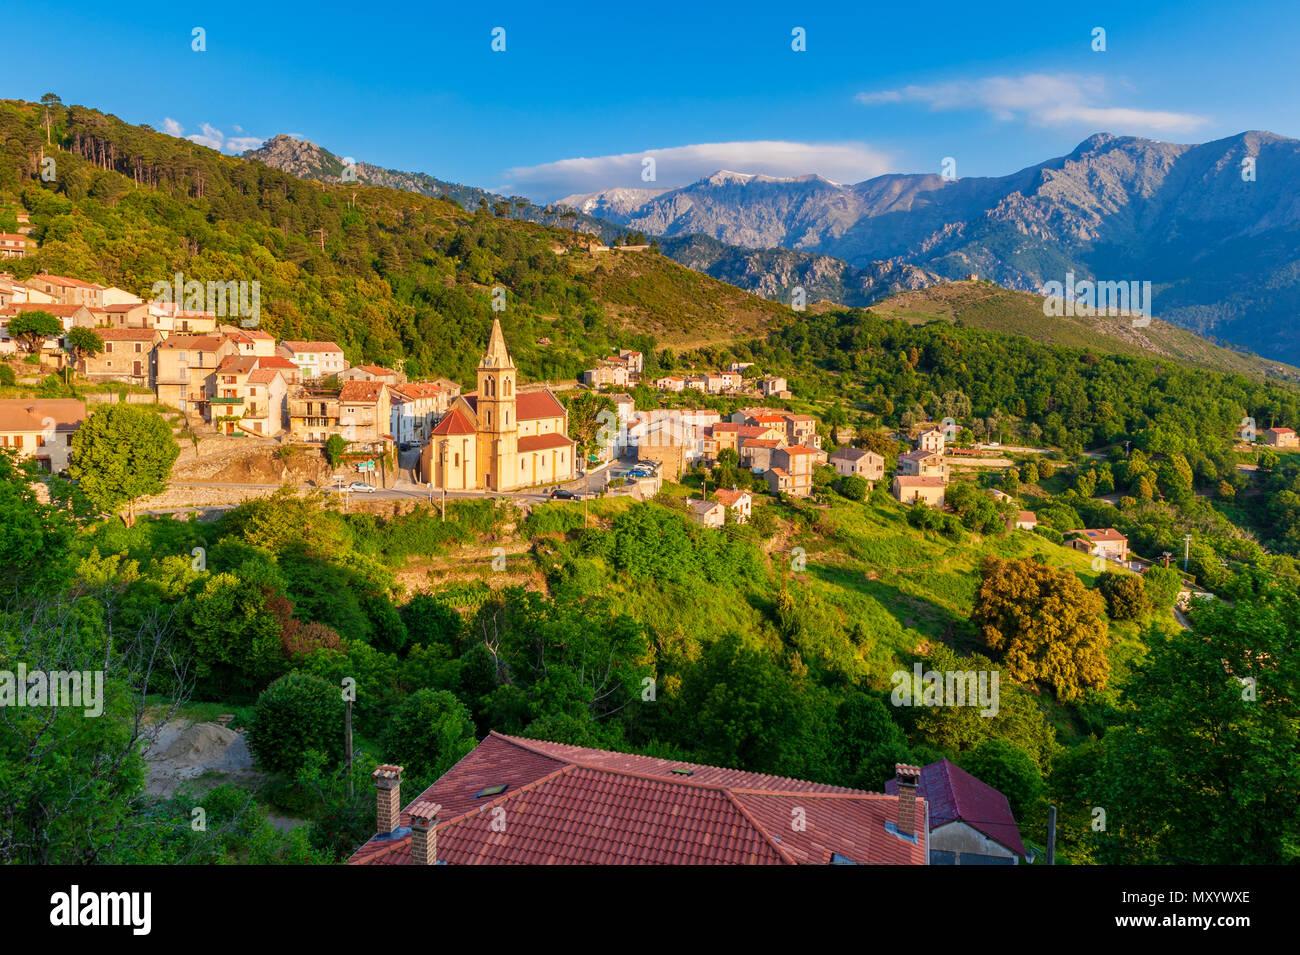 Villaggio di Vivario, Corsica, Francia Immagini Stock